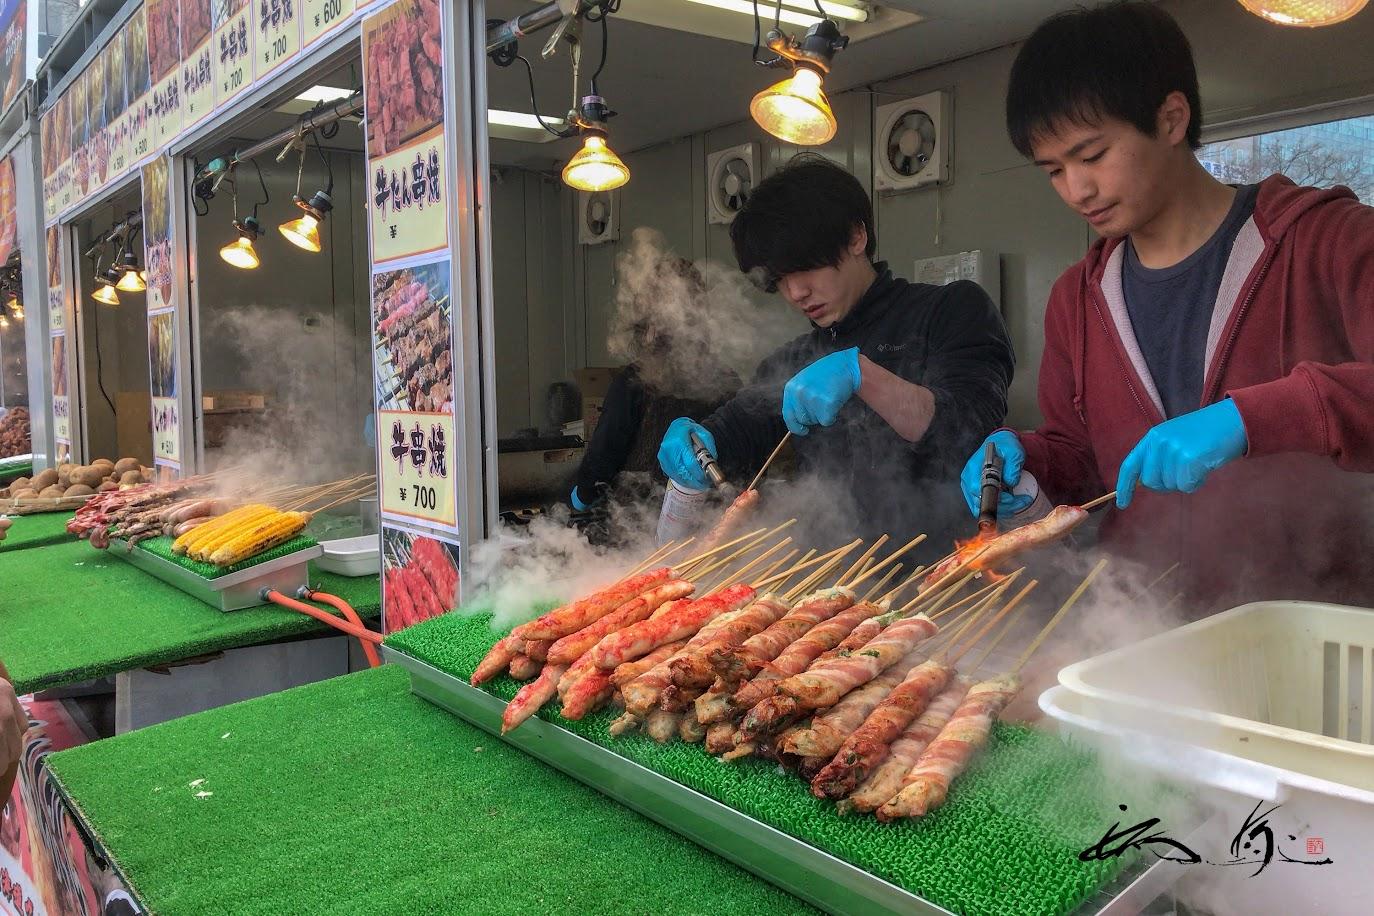 熱々の串焼き、美味しそう〜!